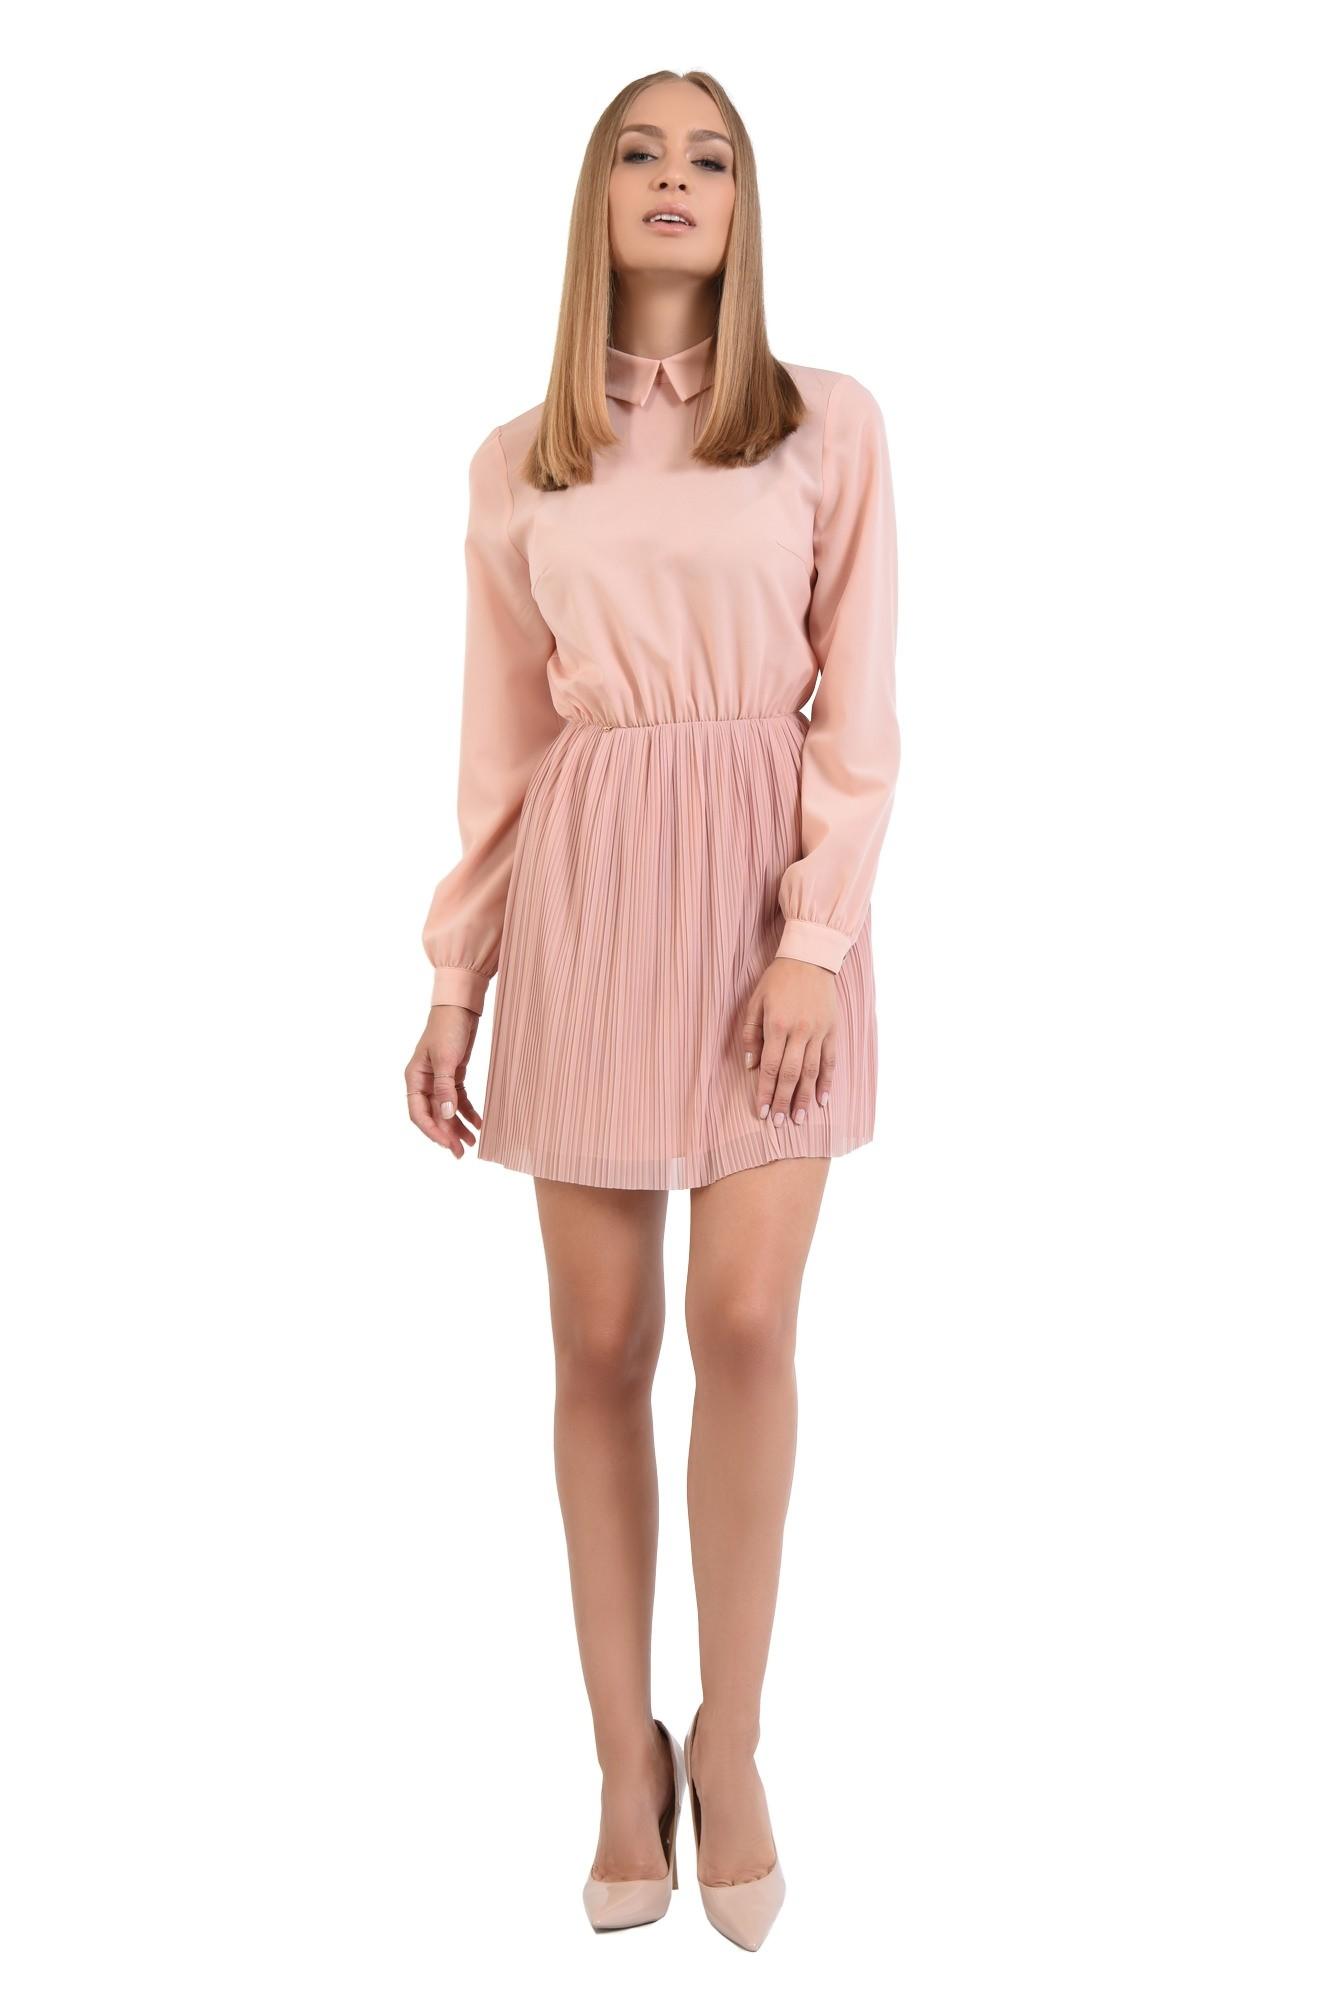 3 - 360 - rochie din voal plisata, clos, rochii online